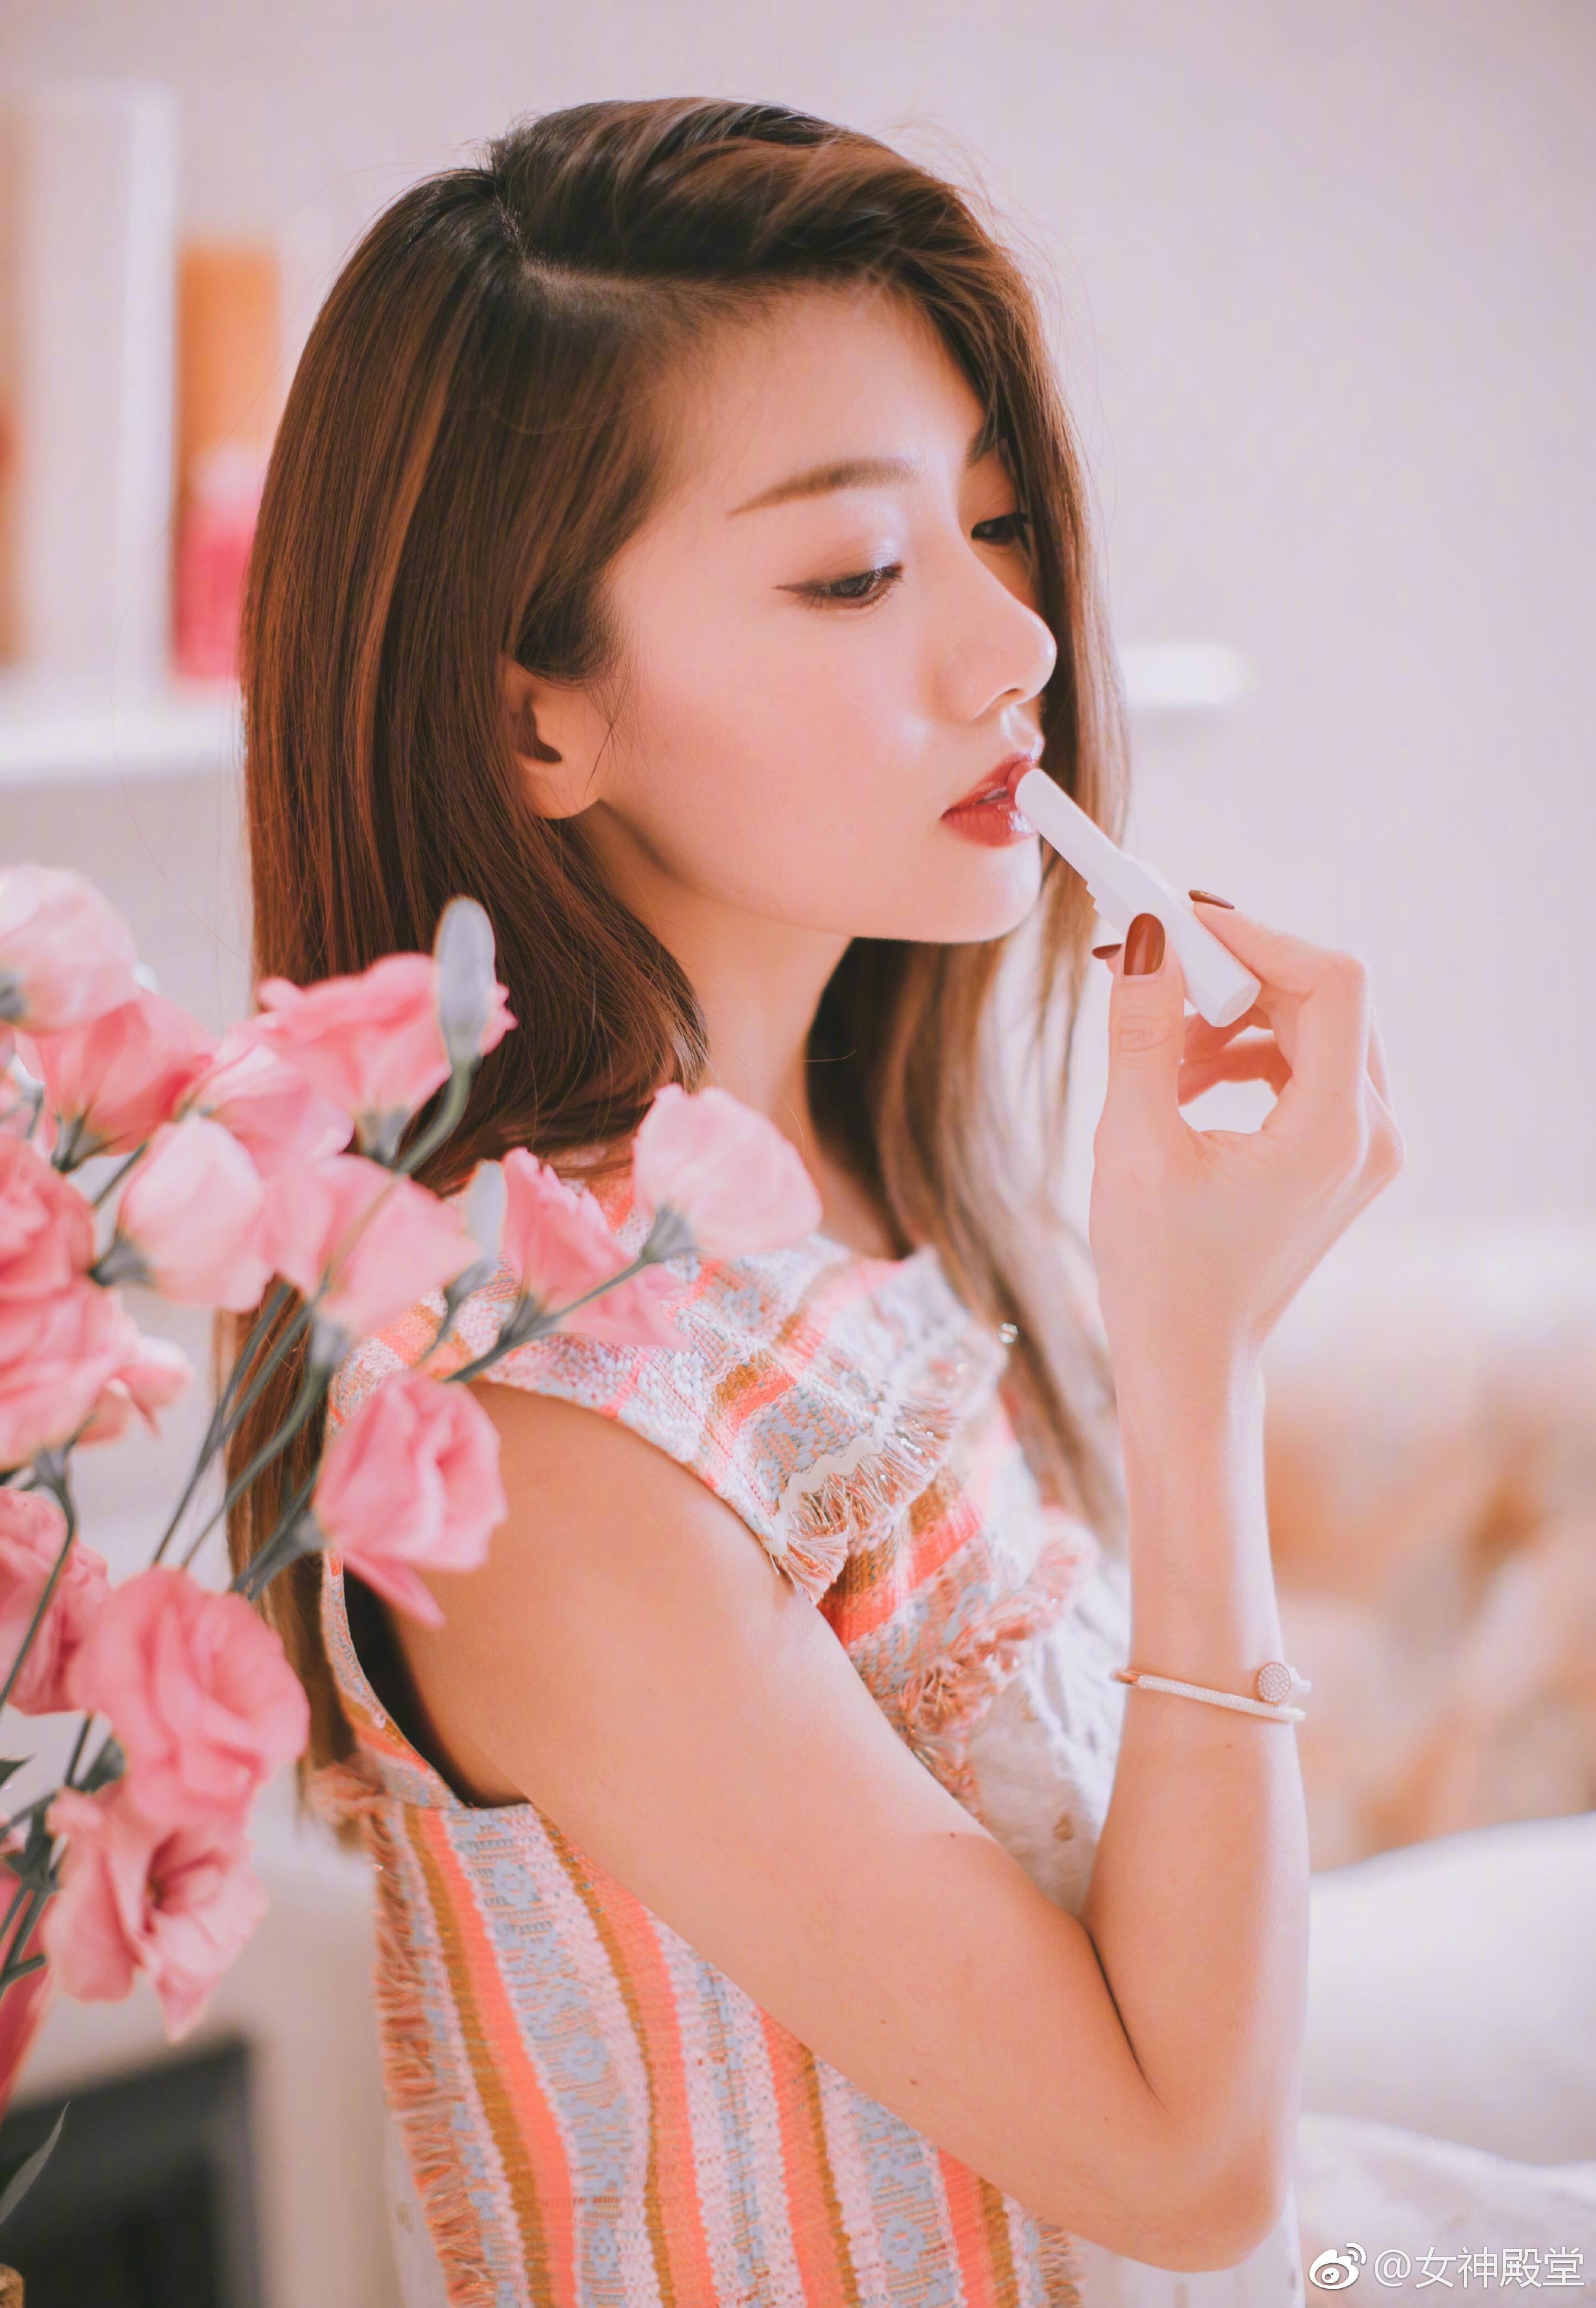 美人如花绽放 魅力不同凡响 程晓玥分手后愈发迷人了,